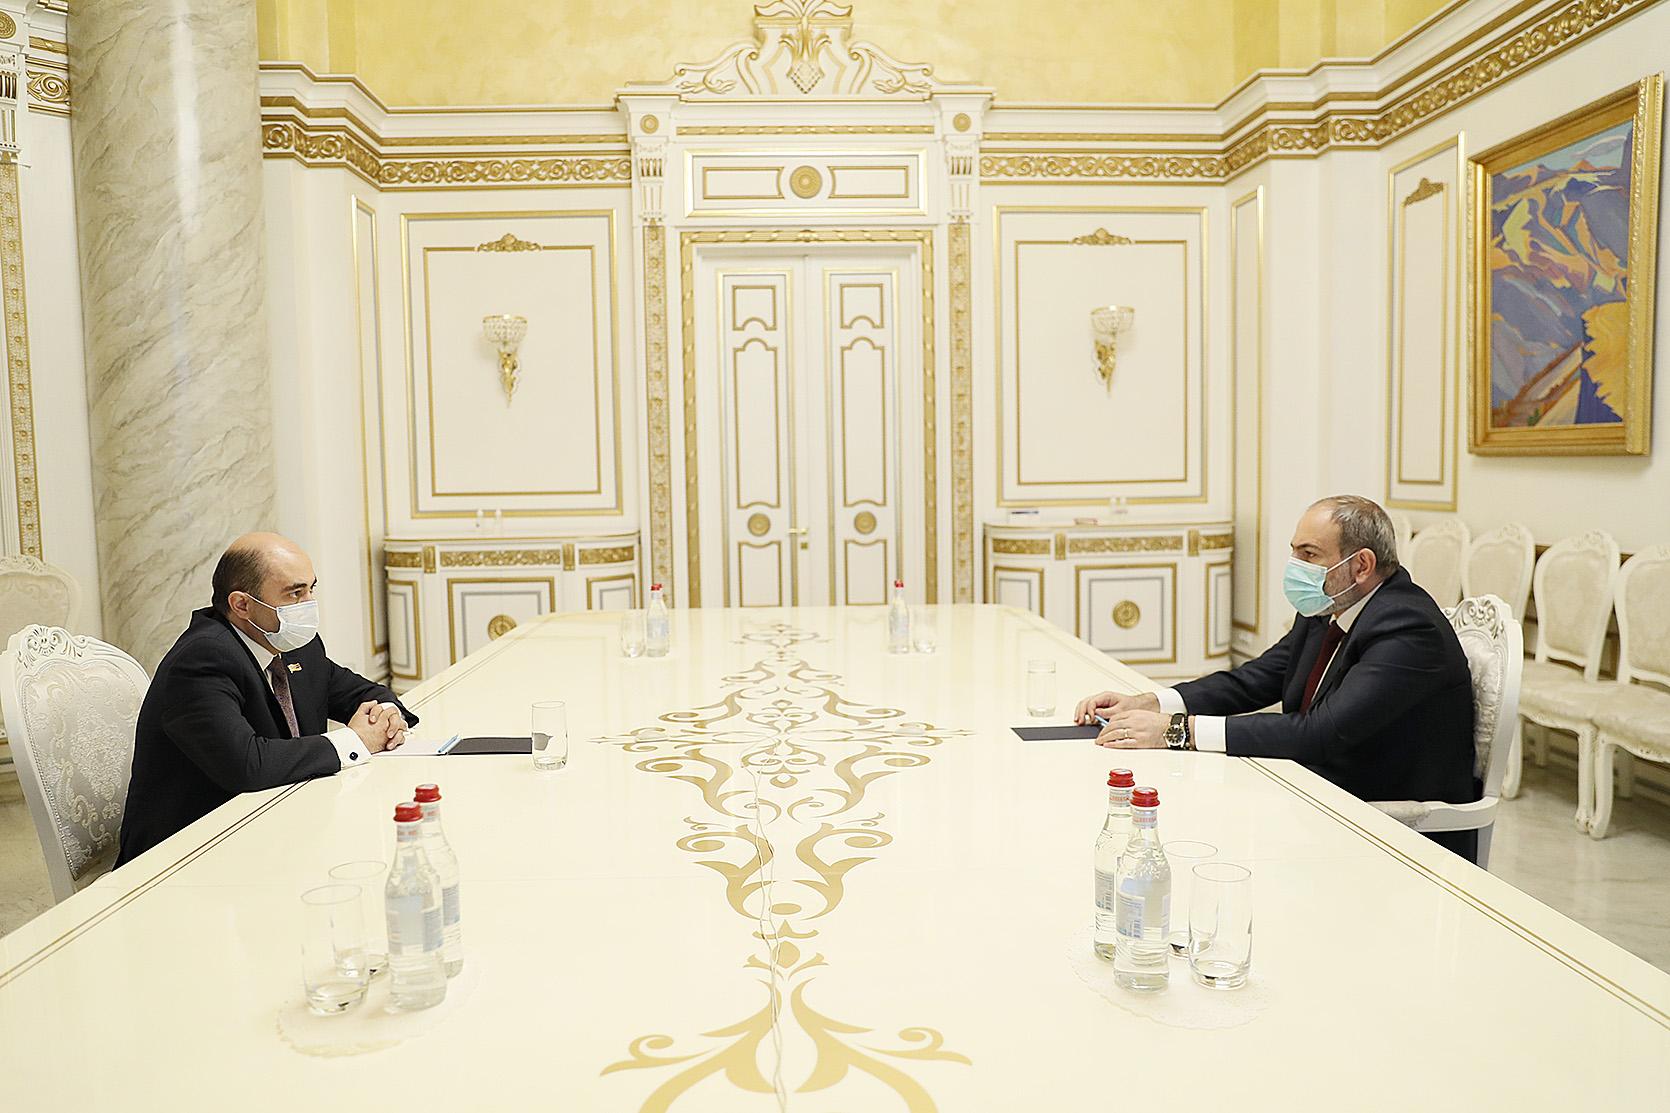 Photo of Վարչապետը հանդիպել է Էդմոն Մարուքյանին. խորհրդակցությունները կշարունակվեն